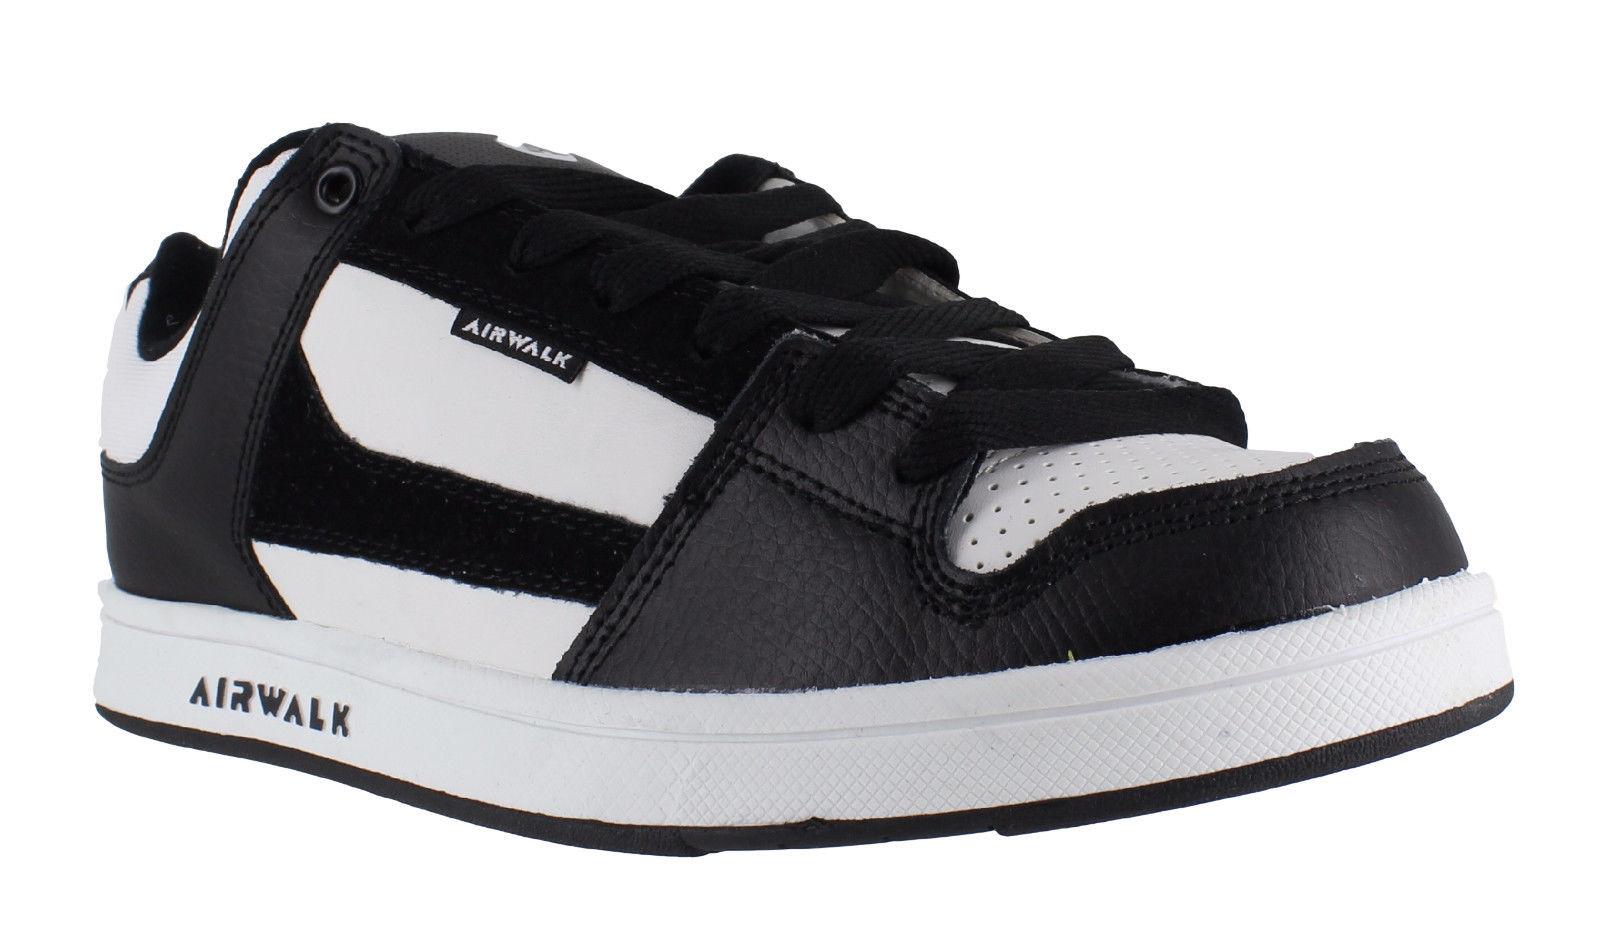 Airwalk Mens Shoes Uk